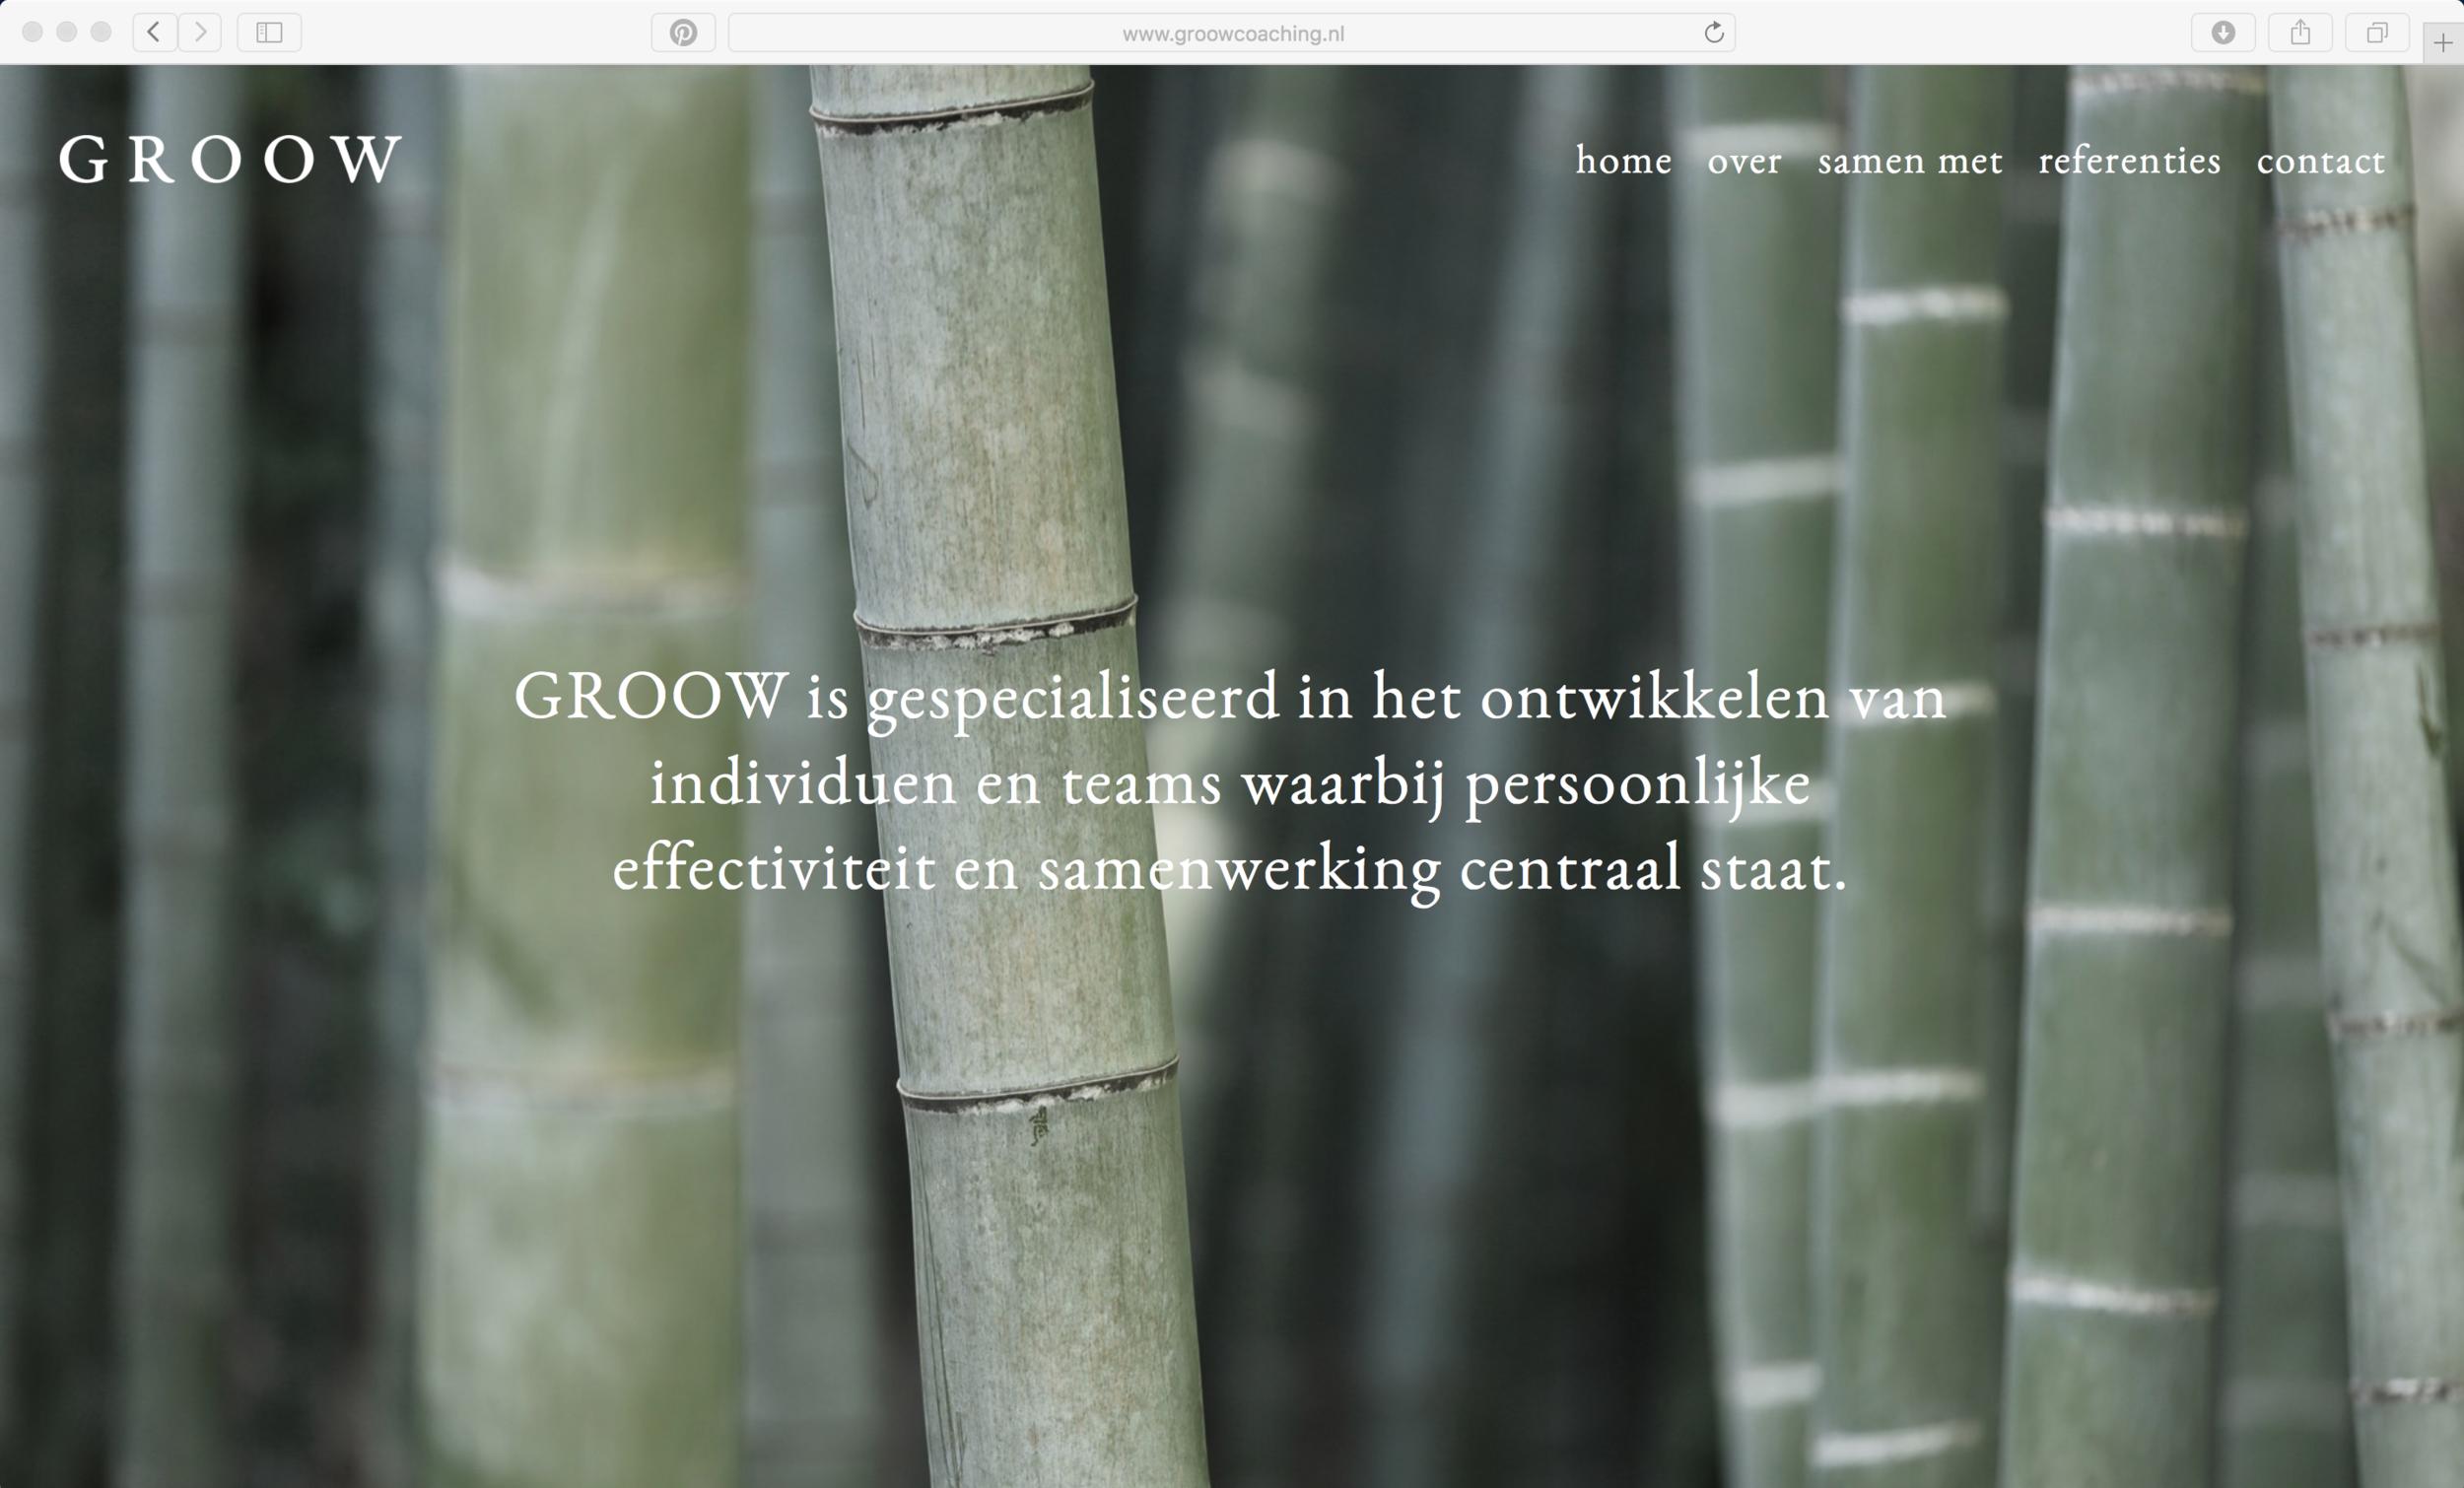 GROOW  [link]